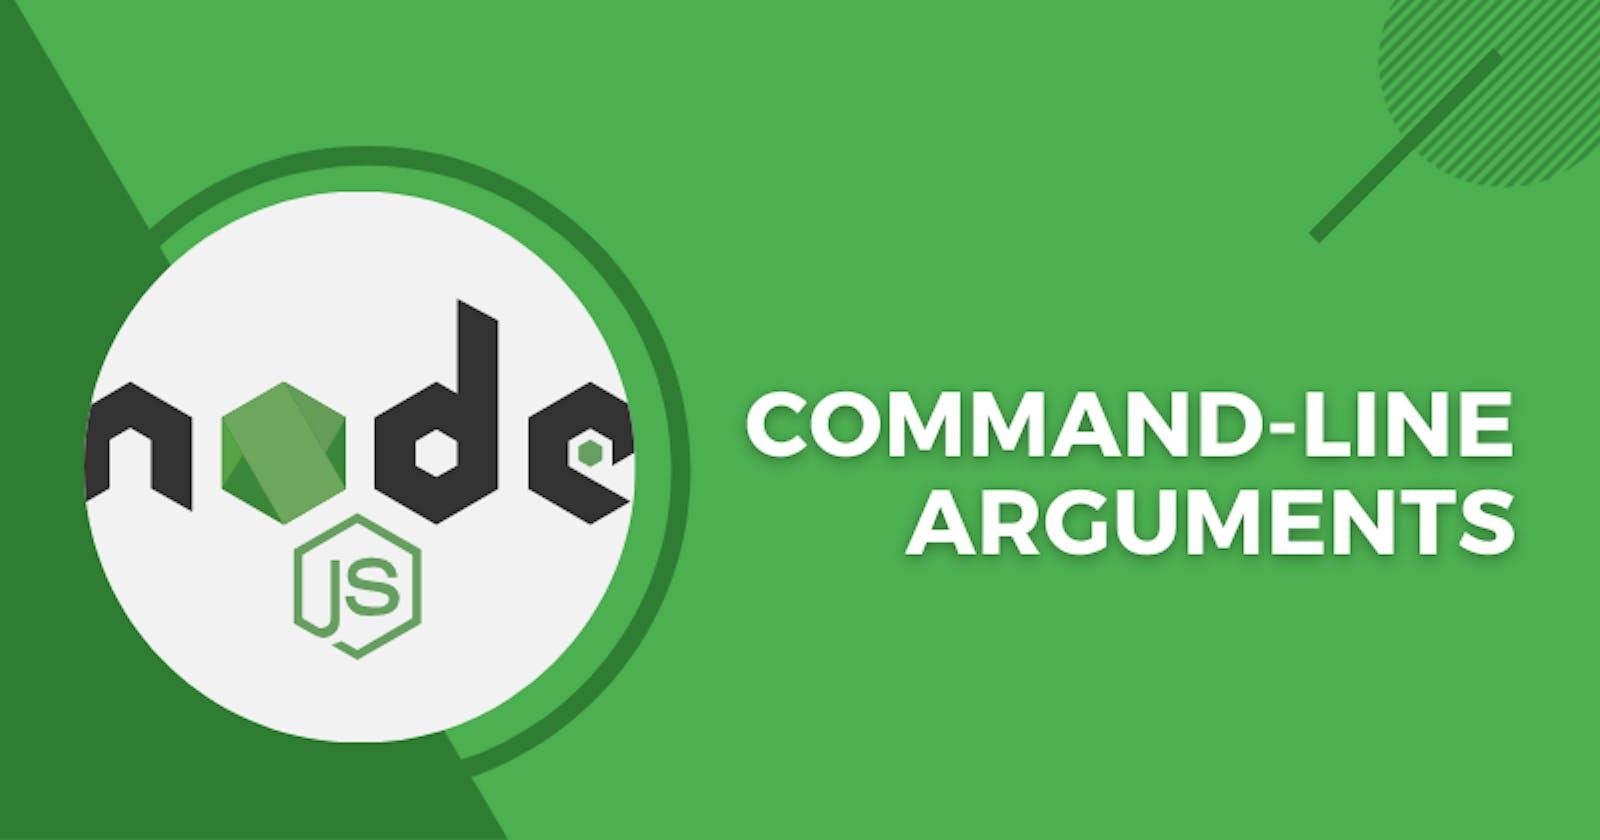 Pass Command Line Arguments To Your Node.js App